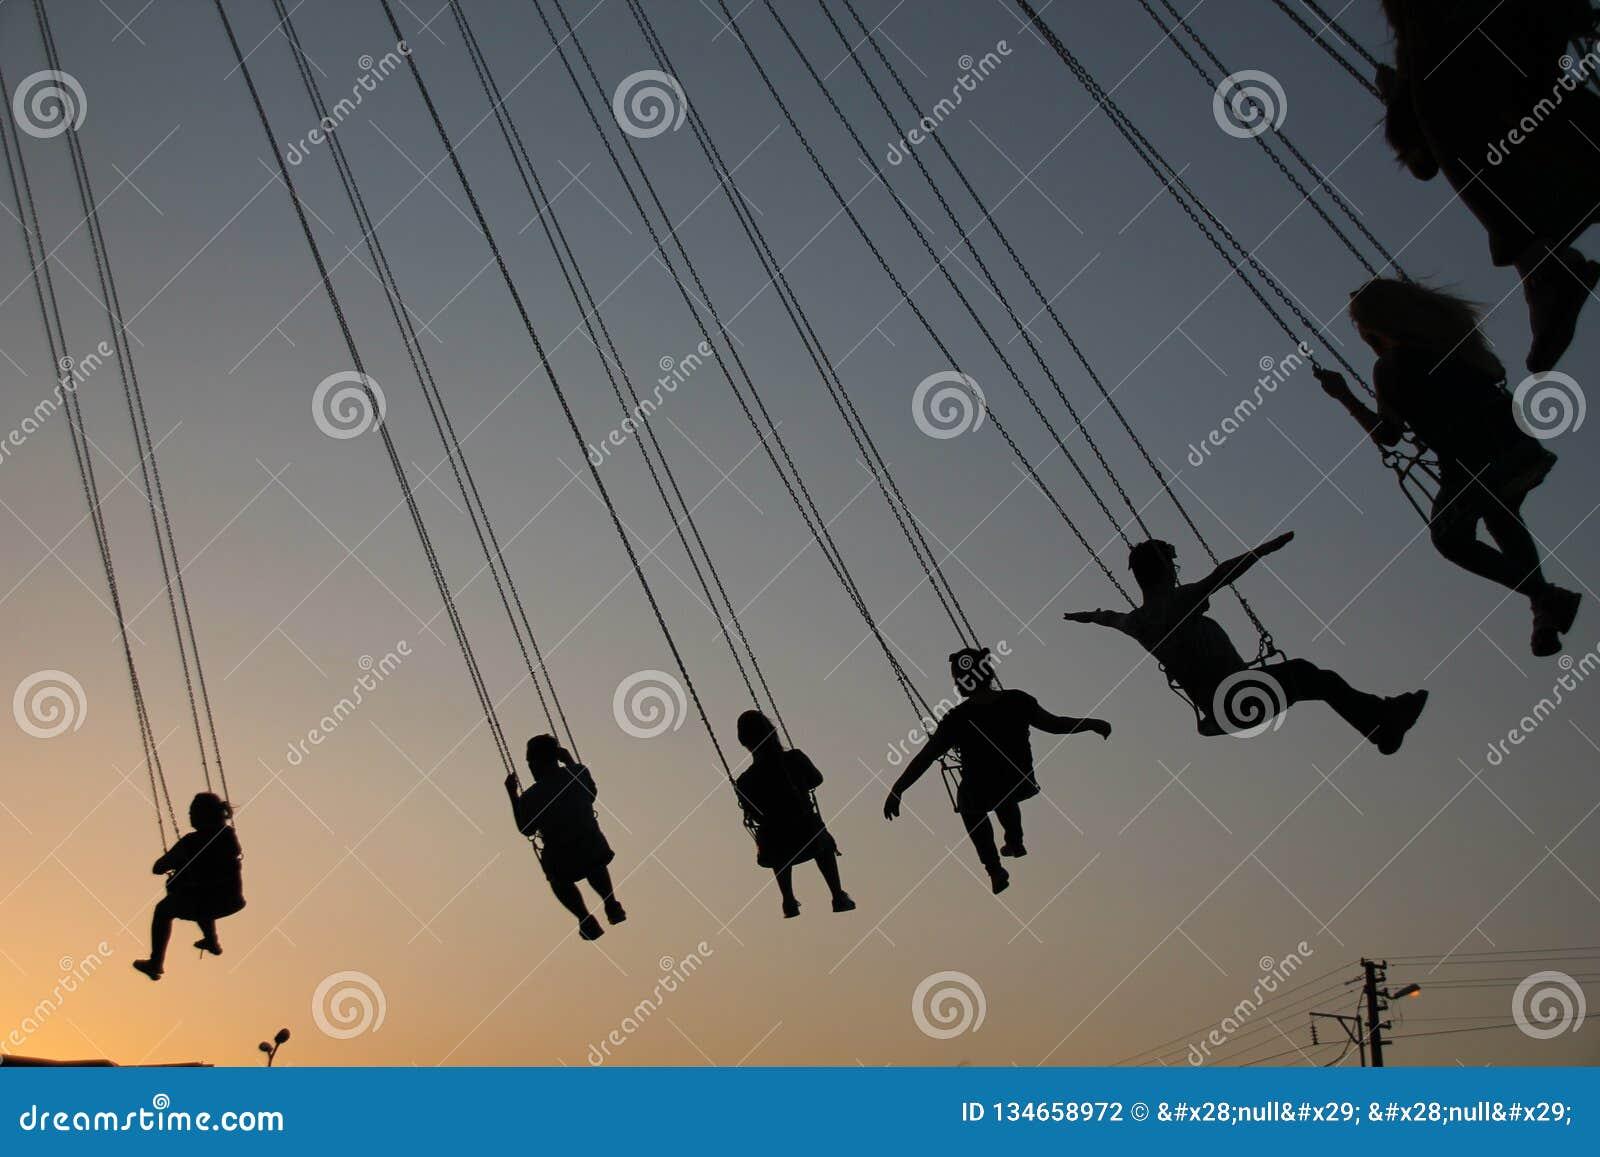 Silhouet van jongeren op Reuzenrad en slingerende carrousel in eindemotie op zonsondergangachtergrond